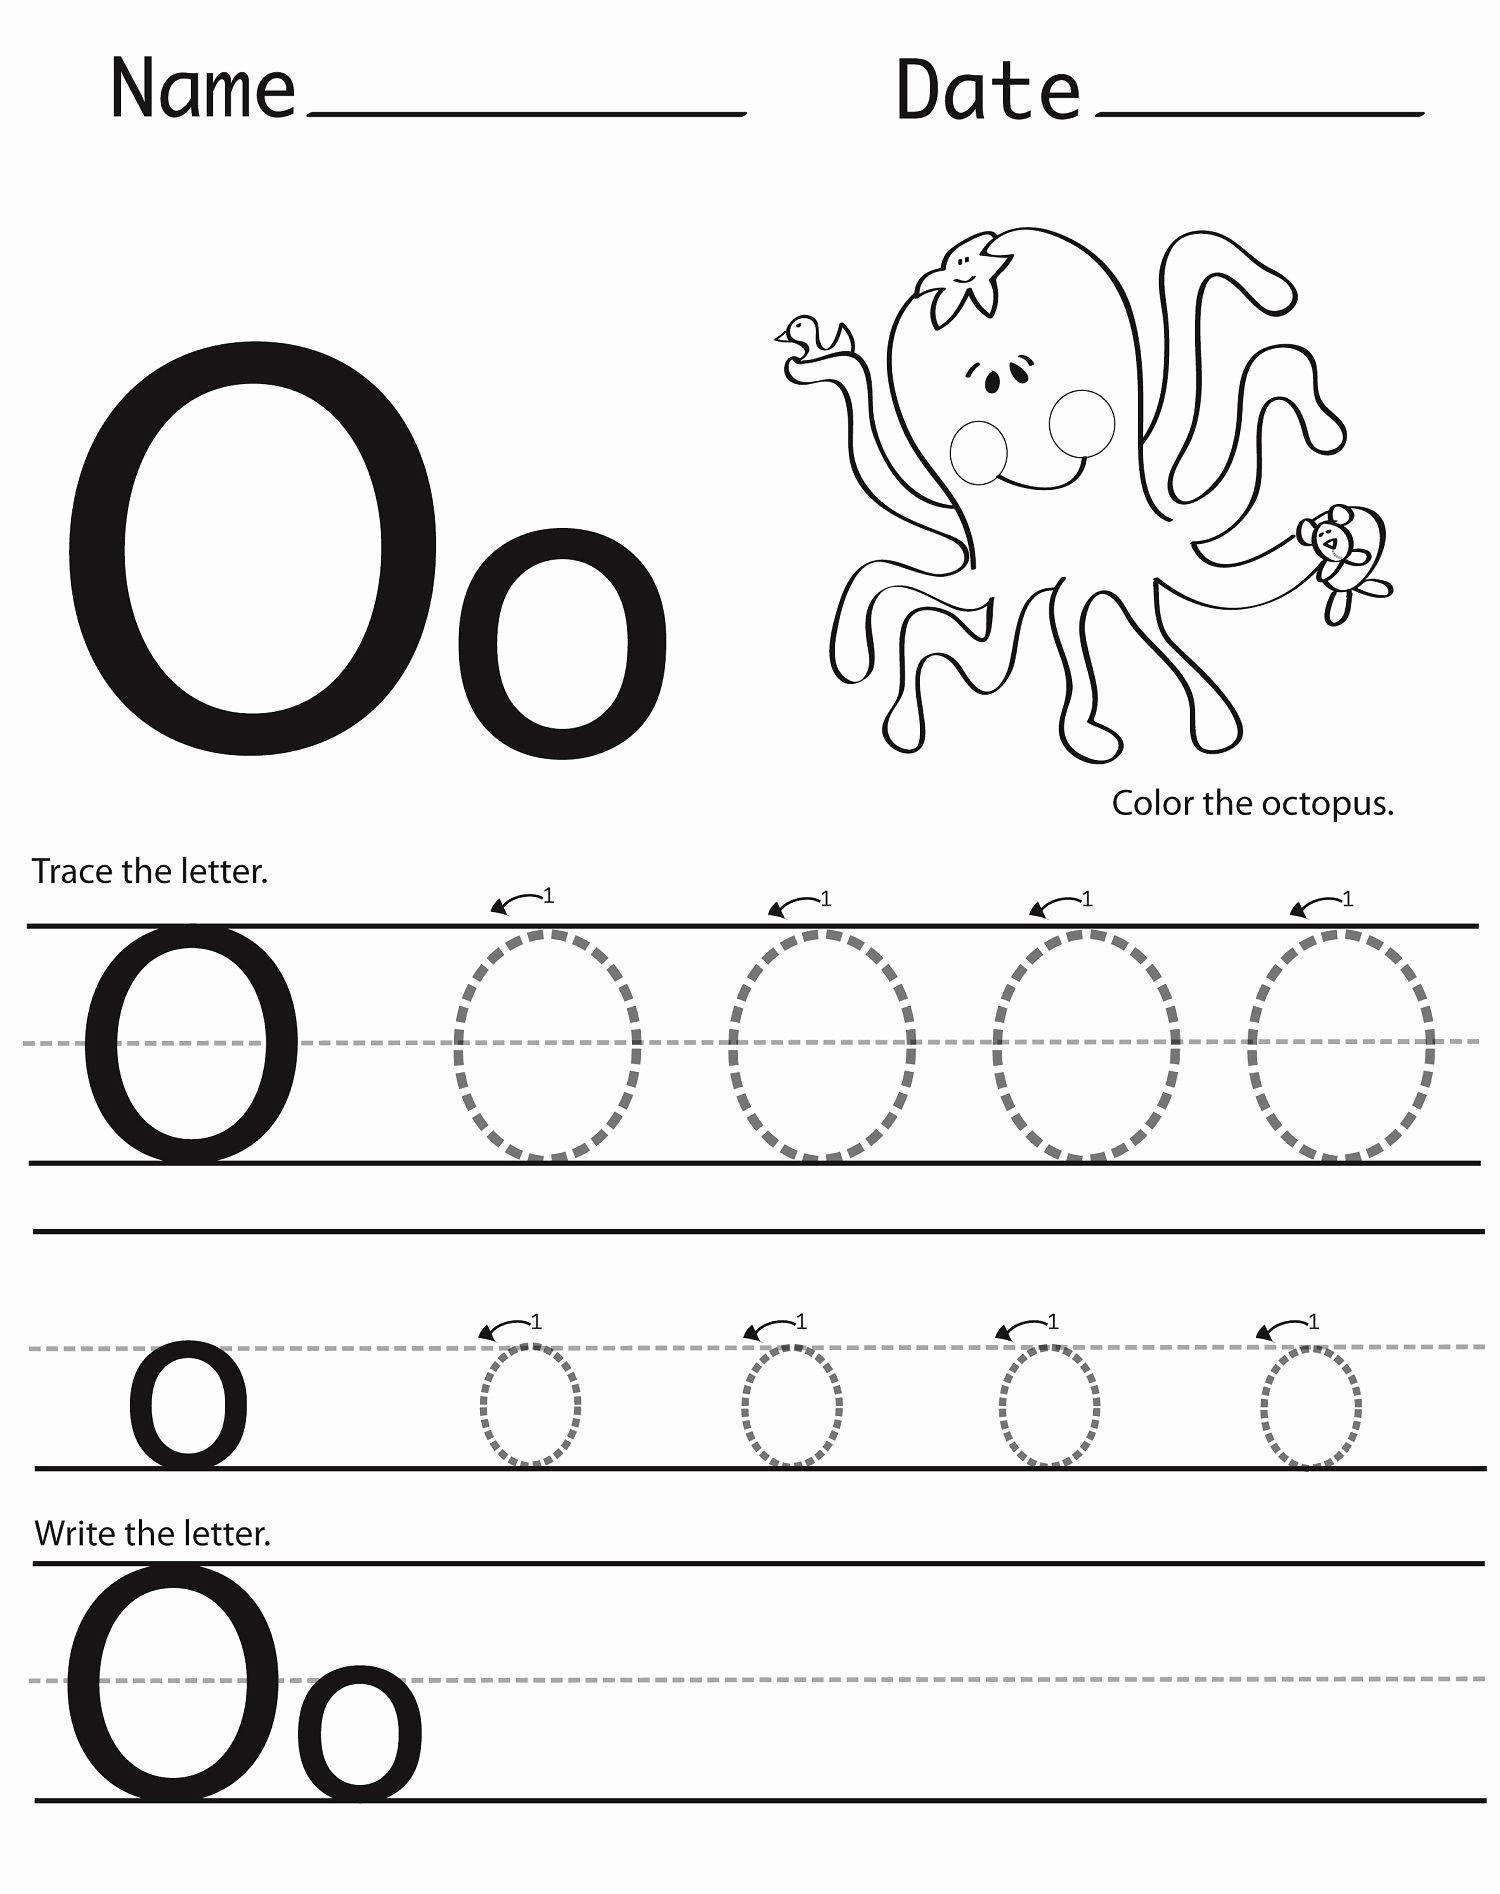 Letter O Worksheets for Preschoolers Kids Letter O Worksheets for Preschool